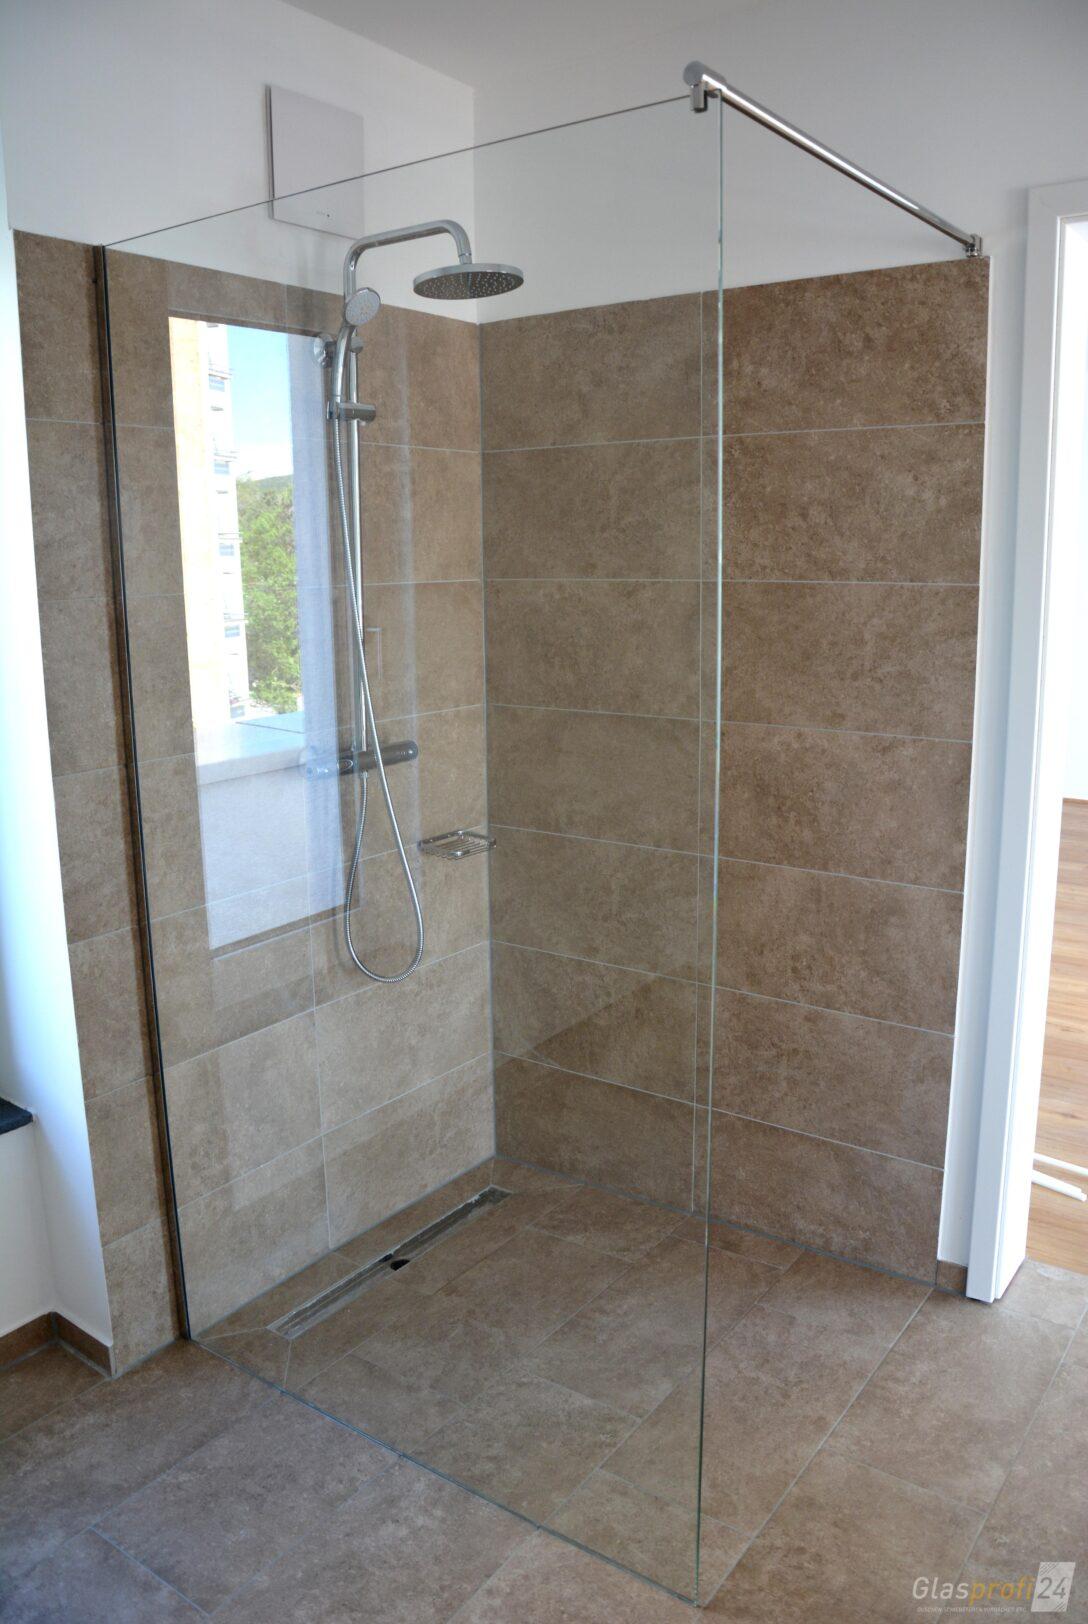 Large Size of Walkin Dusche Konfigurieren Glasduschen Duschkabinen Online Kaufen Bodengleiche Nachträglich Einbauen Glastür 80x80 Hsk Duschen Fliesen Für Bodengleich Dusche Walkin Dusche